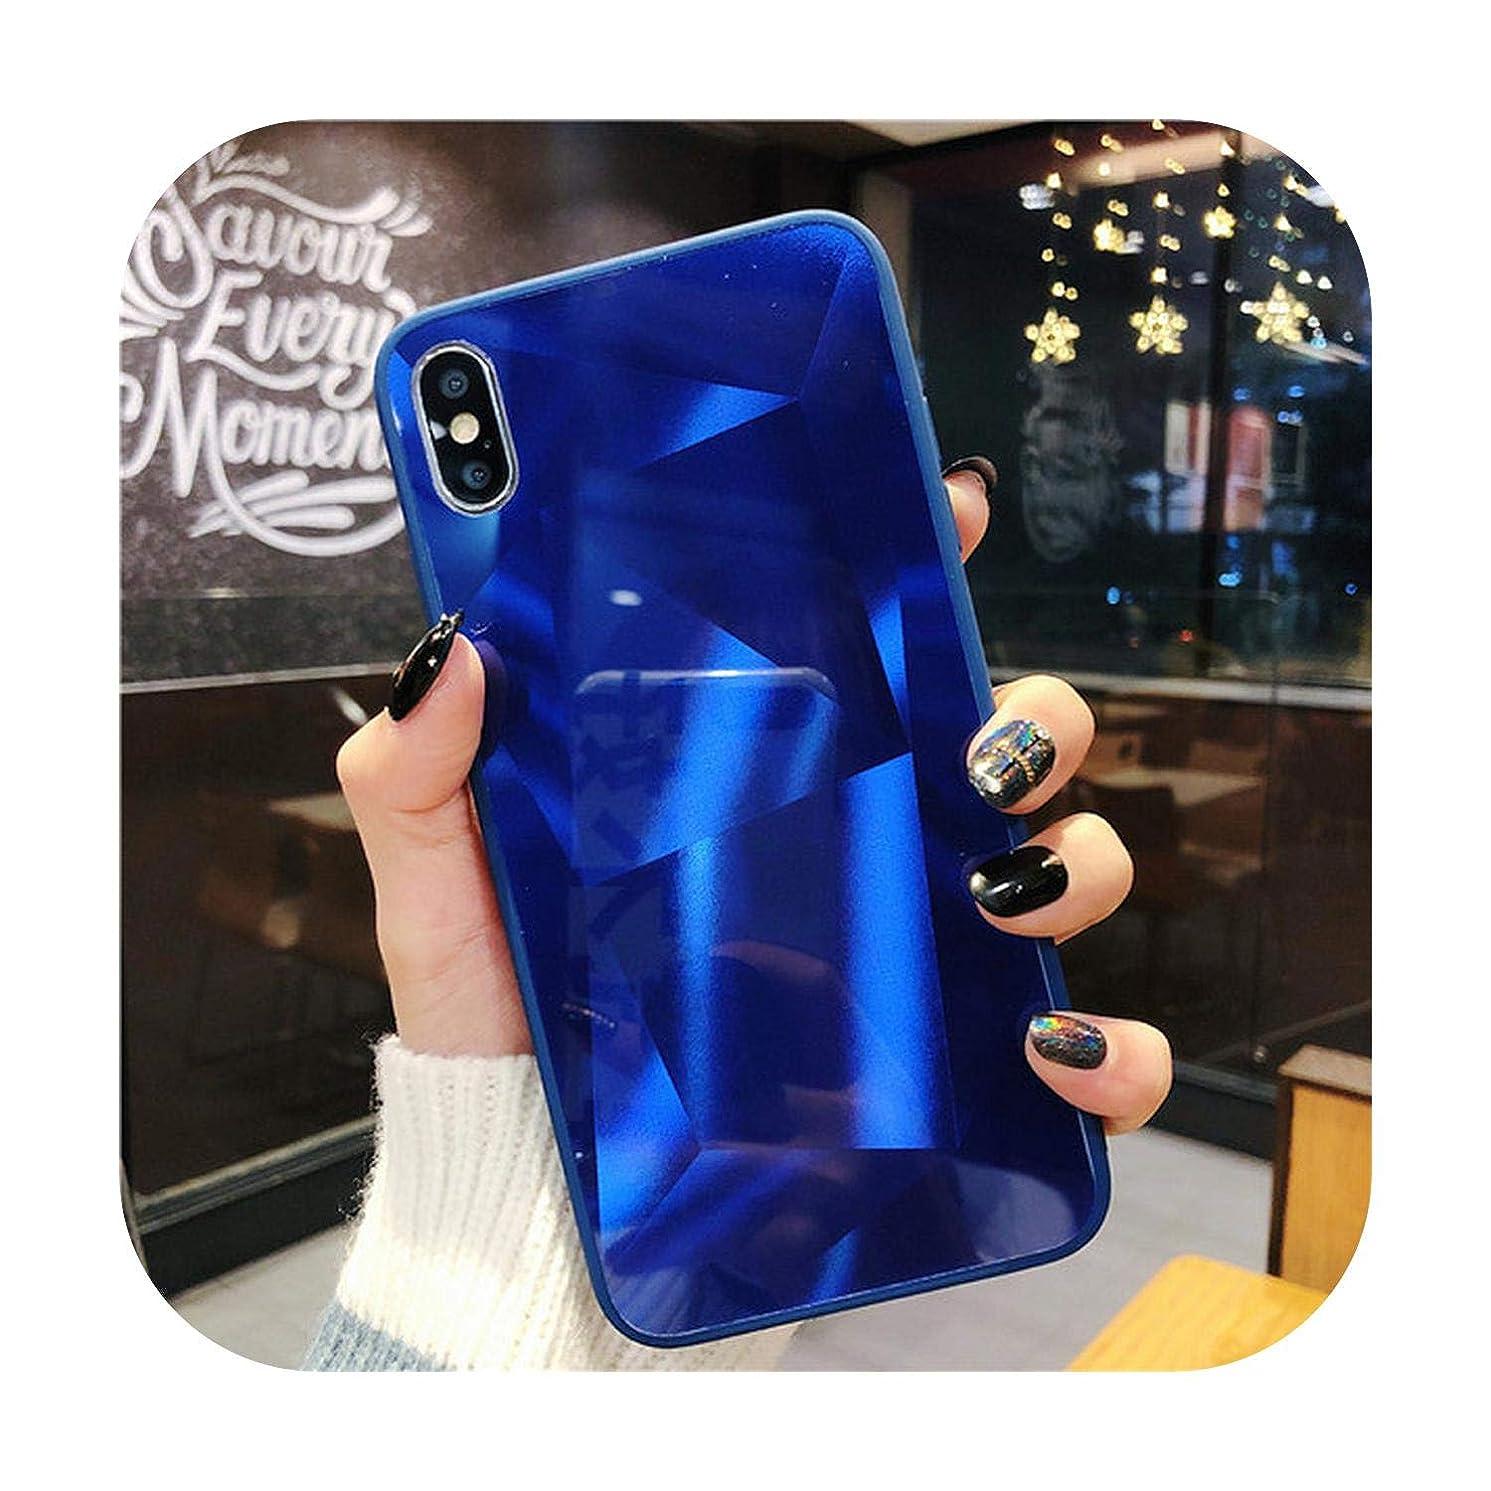 結晶スチール糞3DダイヤモンドプリズムホログラフィックレーザーケースiPhone 6 6 s 7 8plusXs Max XR X 11 11Pro Max光沢クリスタルソフトエッジカバーFunda-2-For iphone 11 Pro